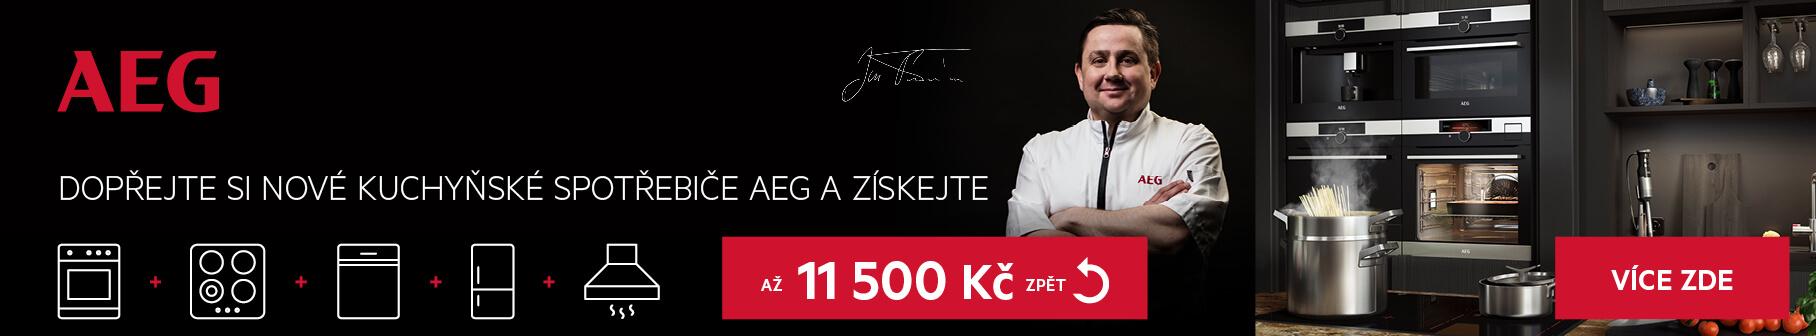 Dopřejte si nové kuchyňské spotřebiče AEG